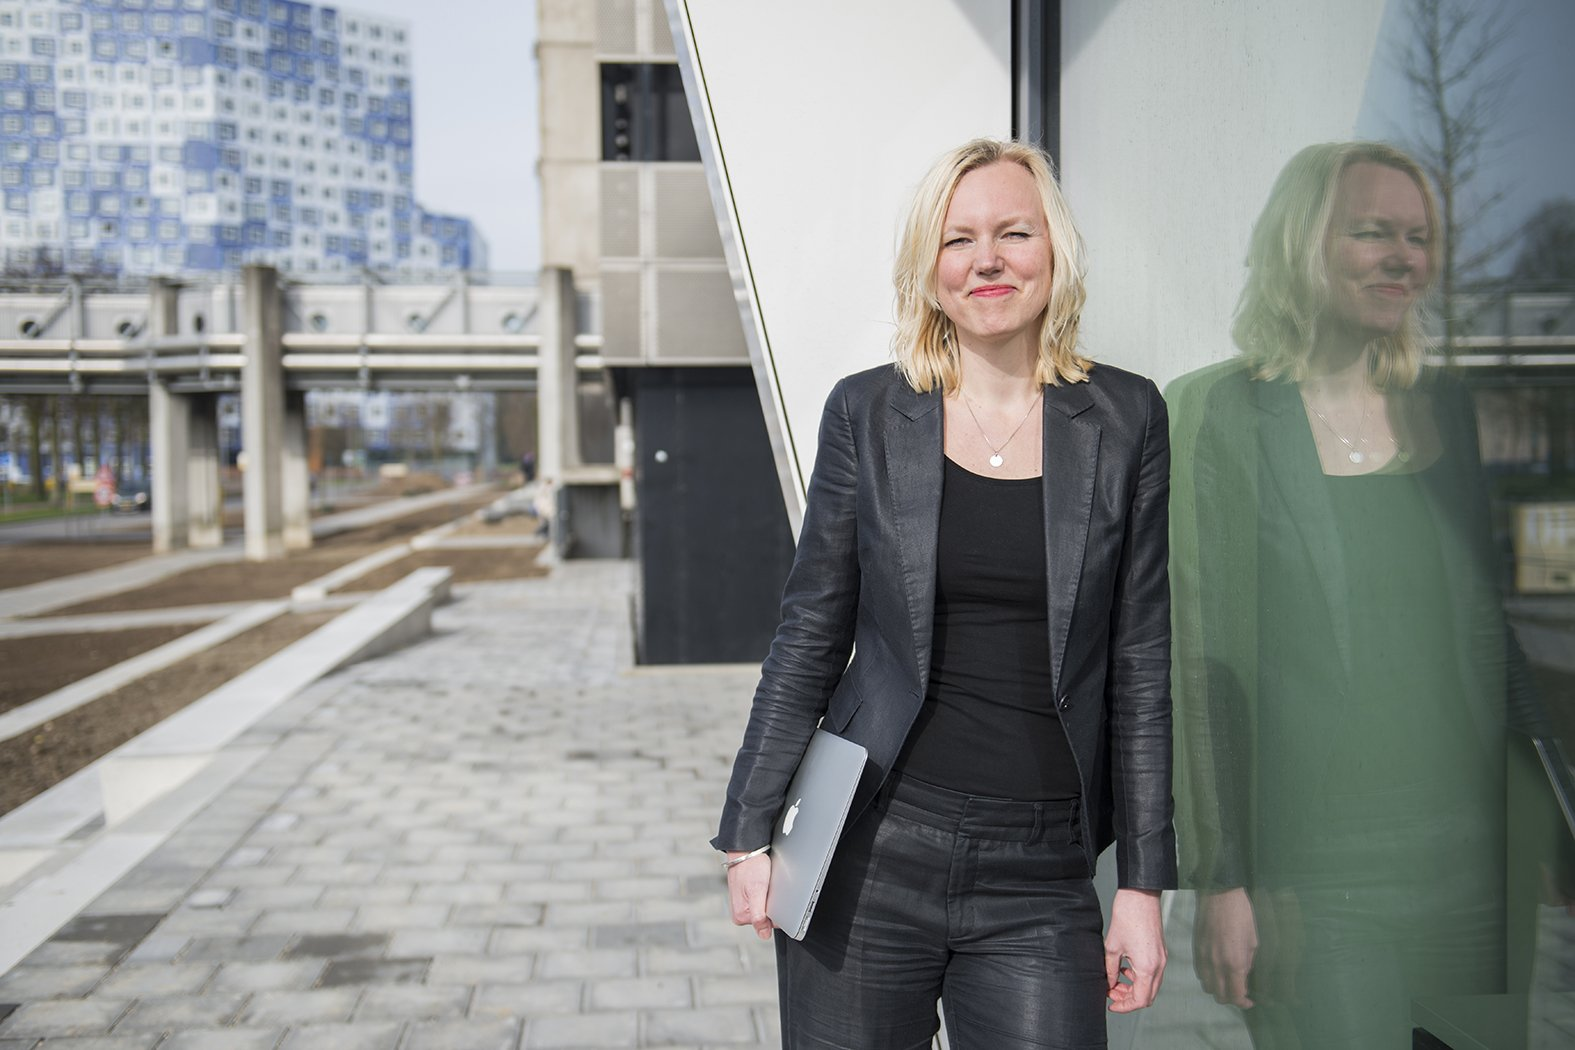 Marije Werelds hoofd IT van de faculteit Diergeneeskunde en initiatiefneemster van deelname aan Girls Day door de Universiteit Utrecht.